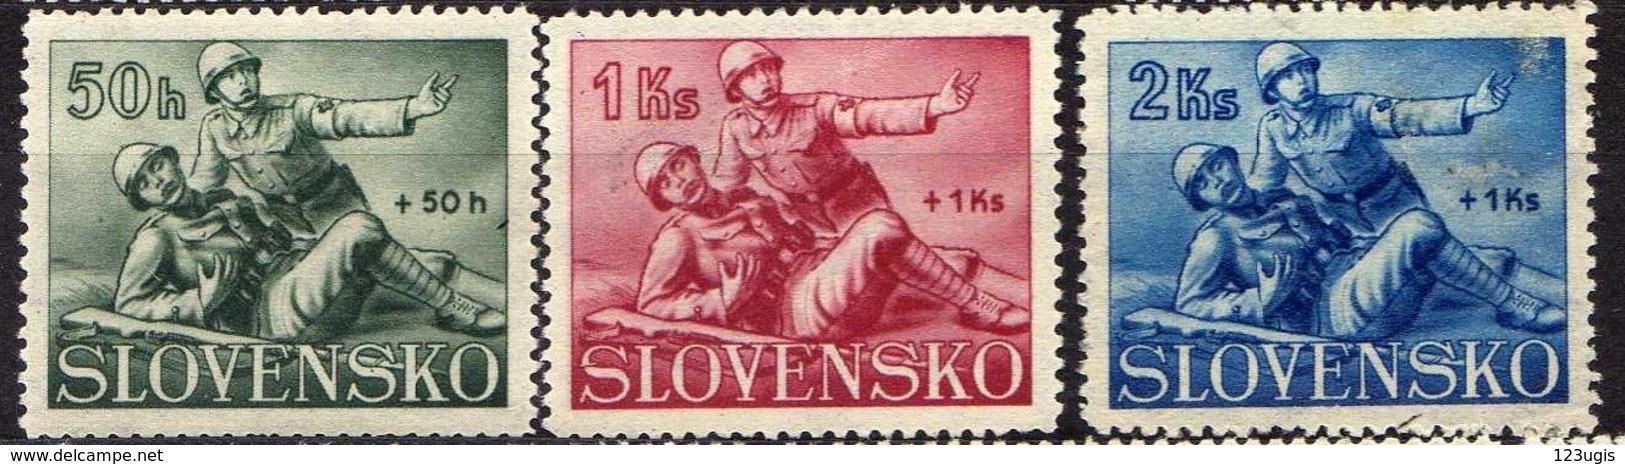 Slowakei / Slovakia, 1941, Mi 88-90 *  [060419XXV] - Unused Stamps